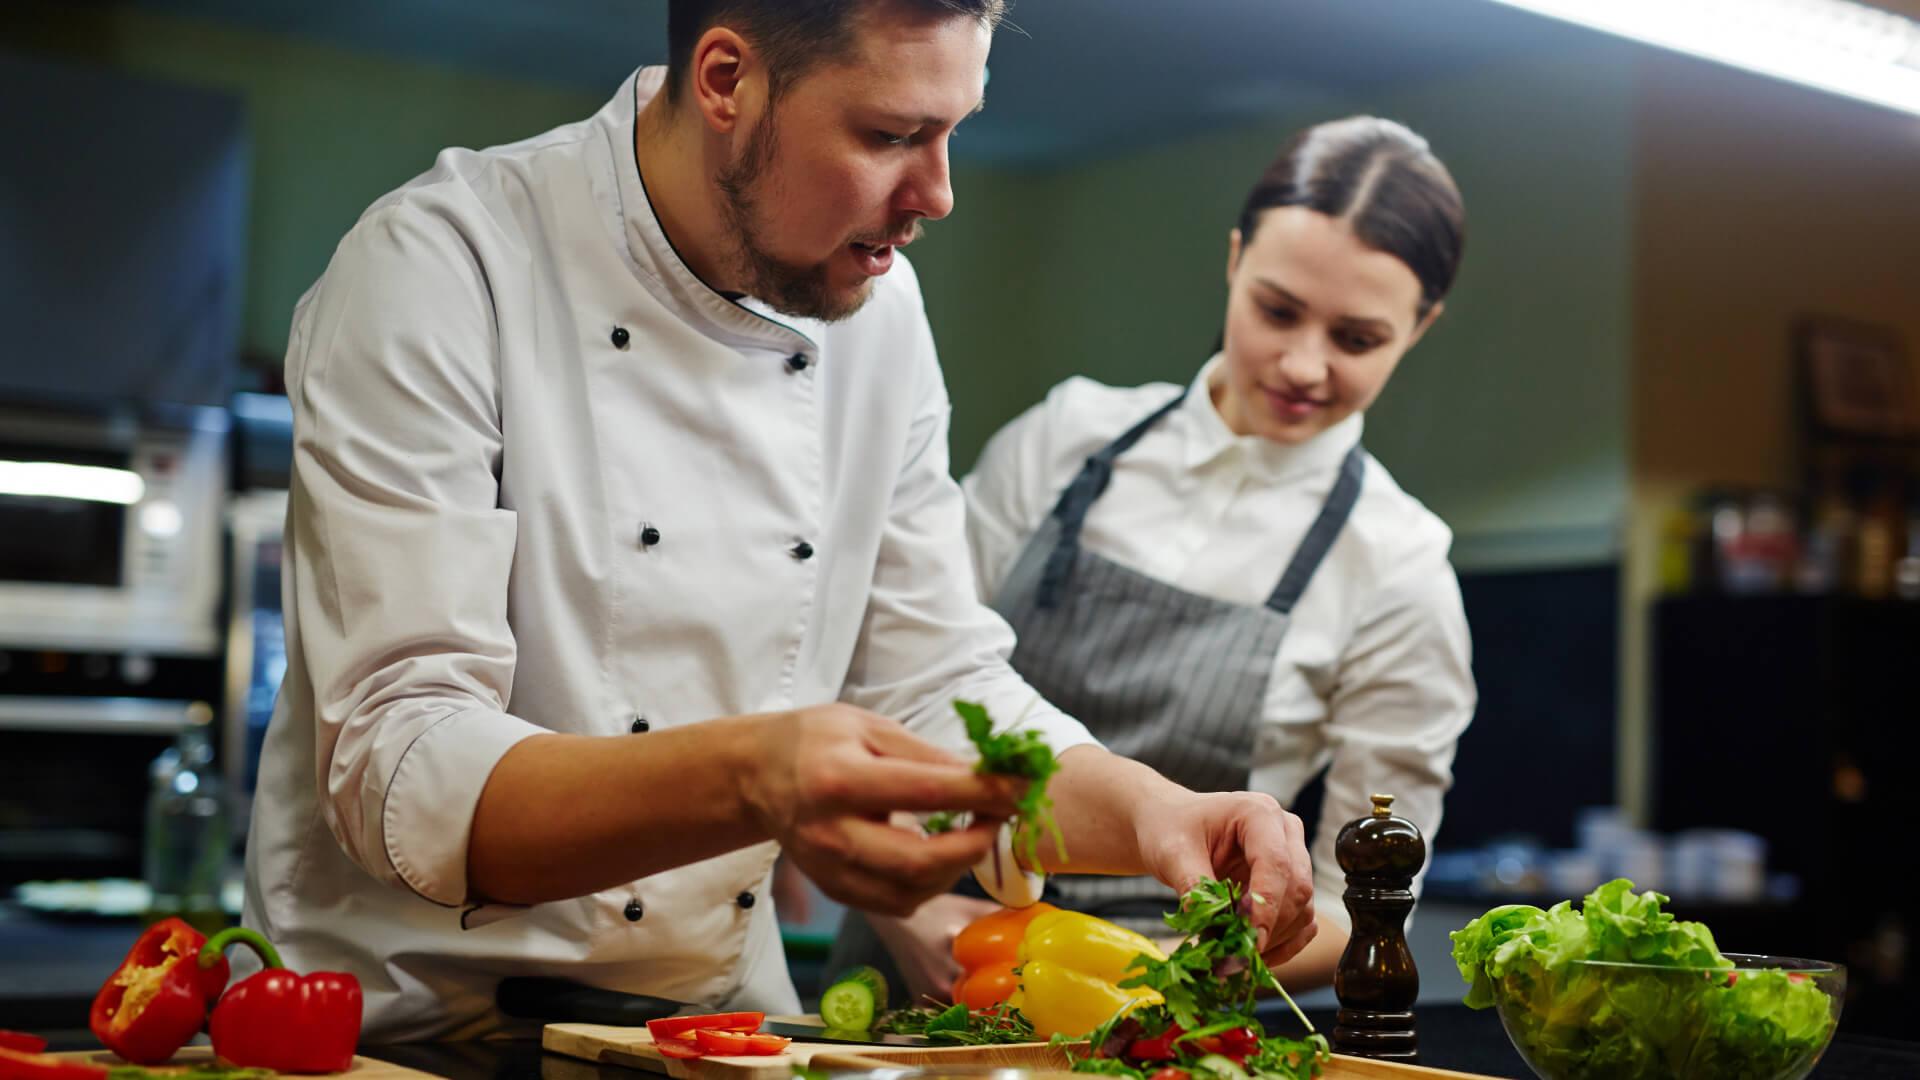 İyi Yemek Aşkına: Dünyadan 5 Restoran / 5 Şef